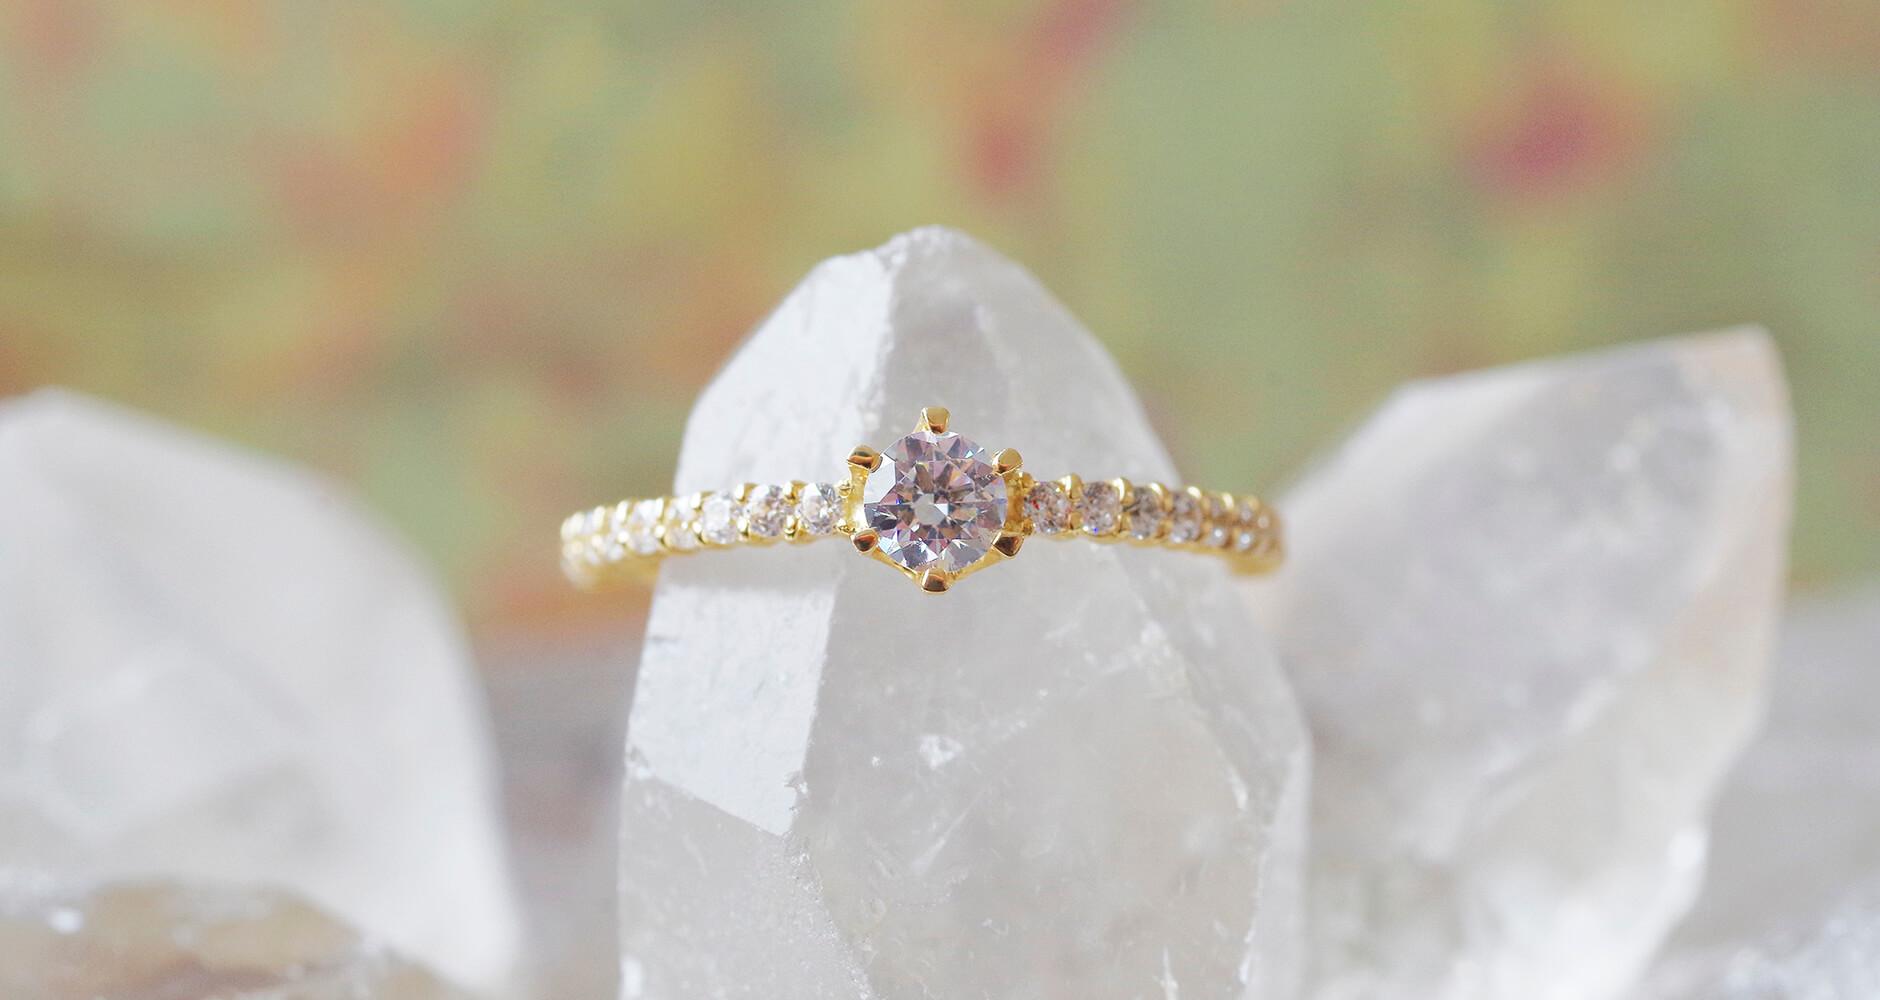 クリスタルの原石とダイヤモンドの婚約指輪